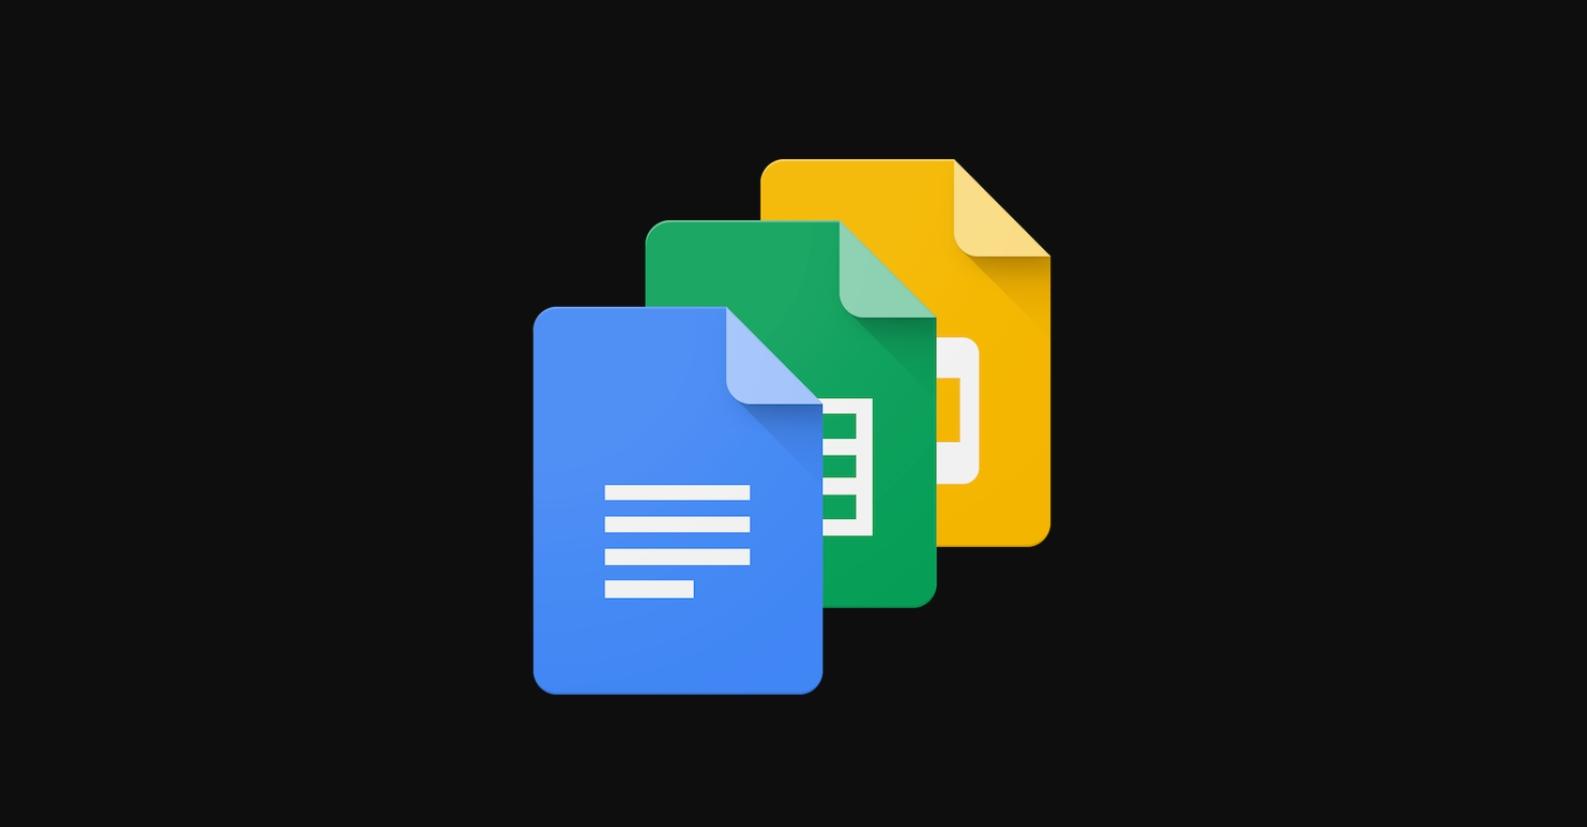 Google chystá u aplikací Dokumenty, Tabulky a Prezentace tmavý režim